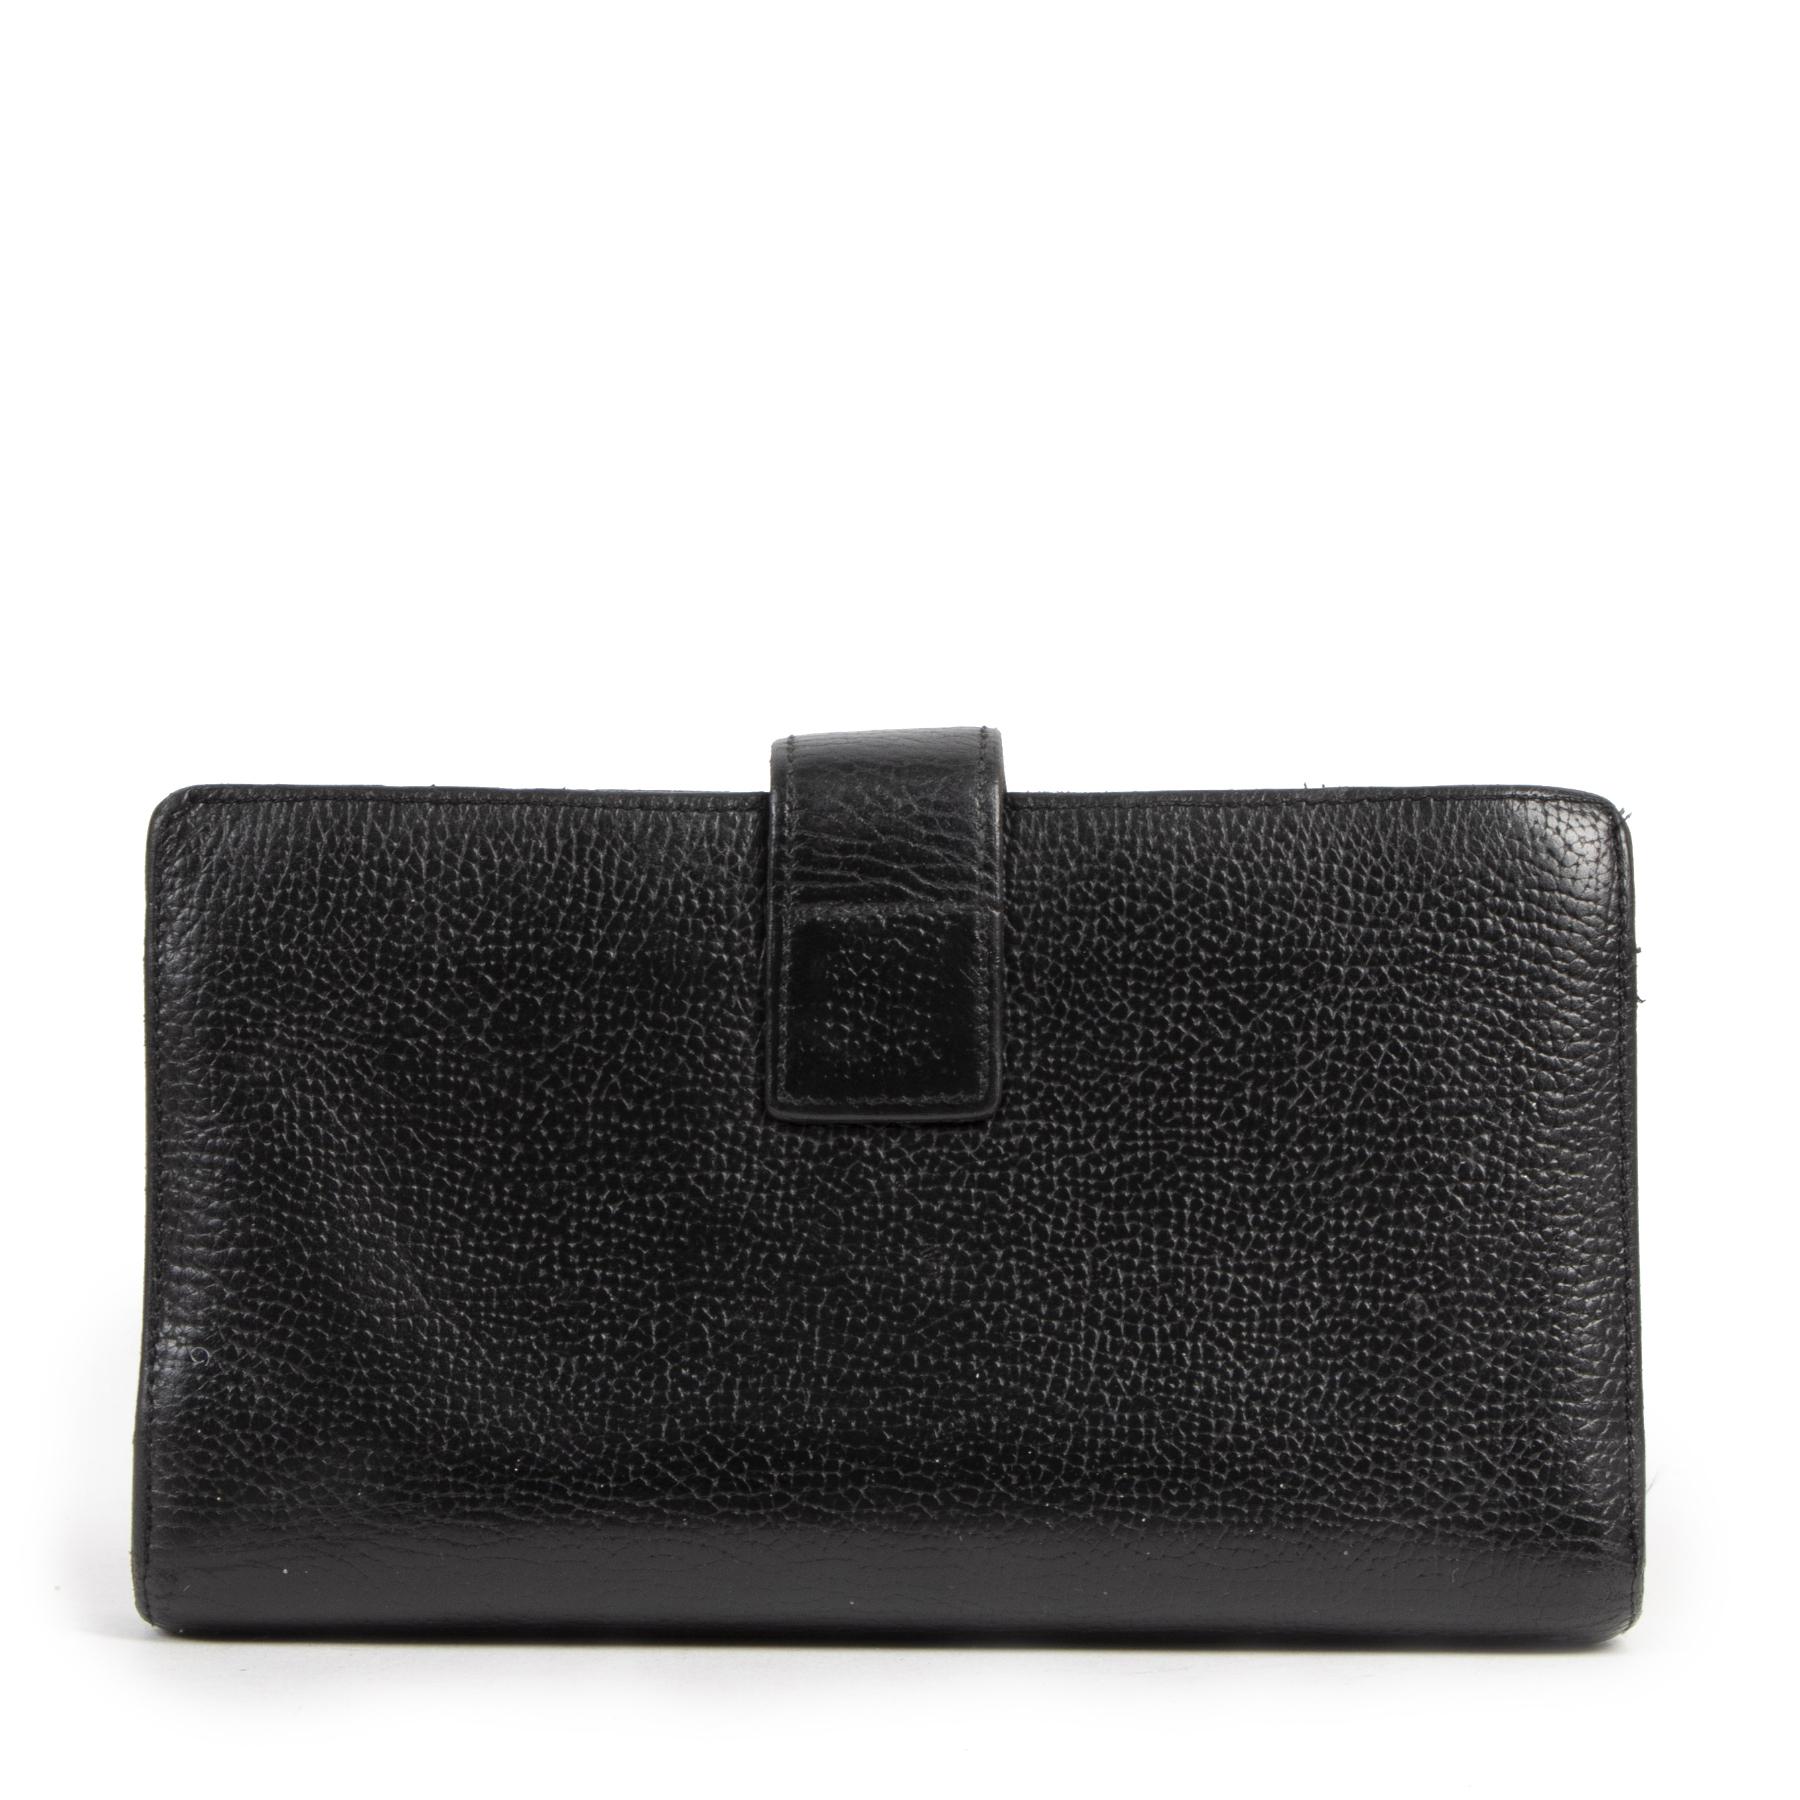 Authentique seconde-main vintage Delvaux Black Leather Wallet  achète en ligne webshop LabelLOV